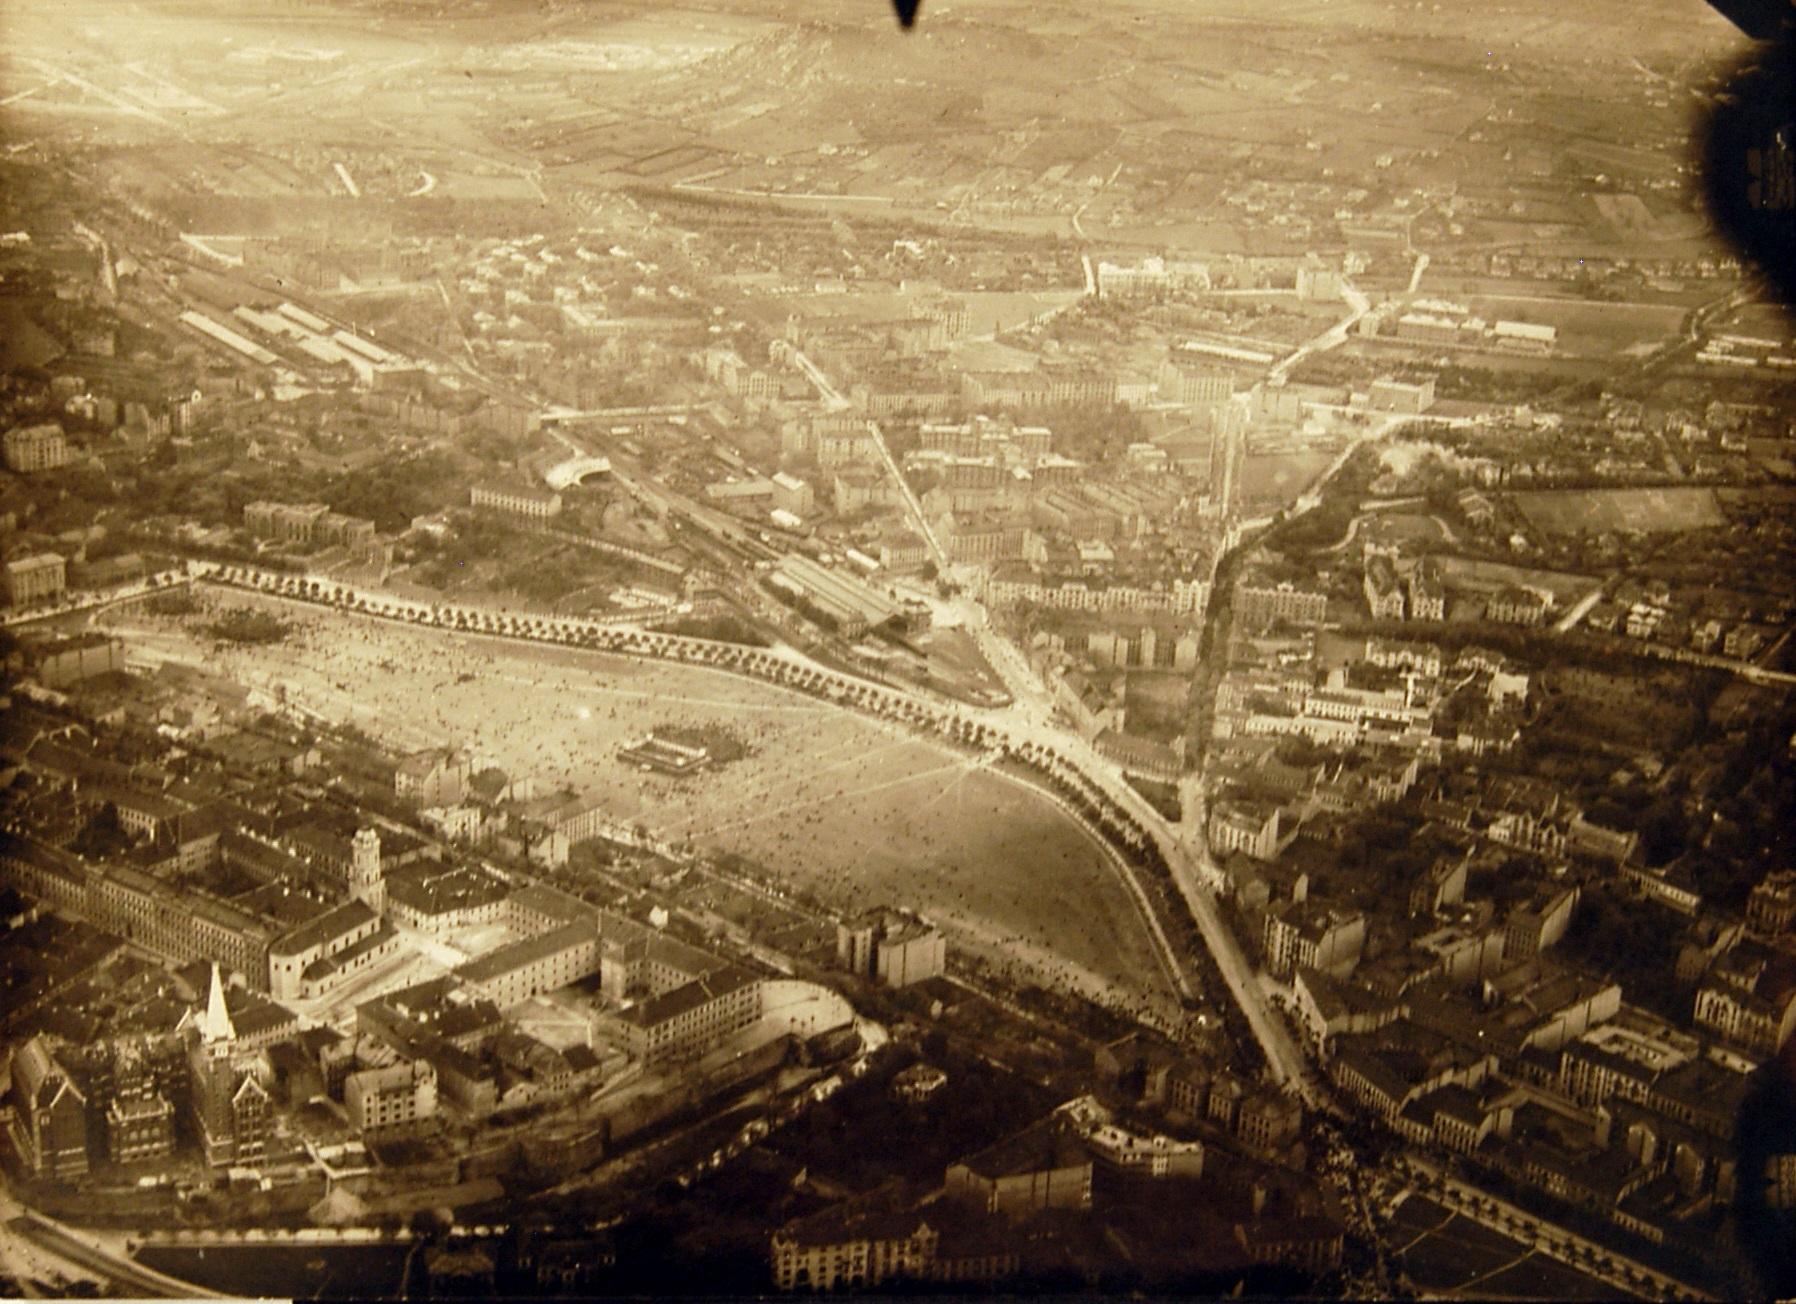 Vérmező, 1919. május 1. Magyar Műszaki és Közlekedési Múzeum, Történeti Fényképarchívum, 4531